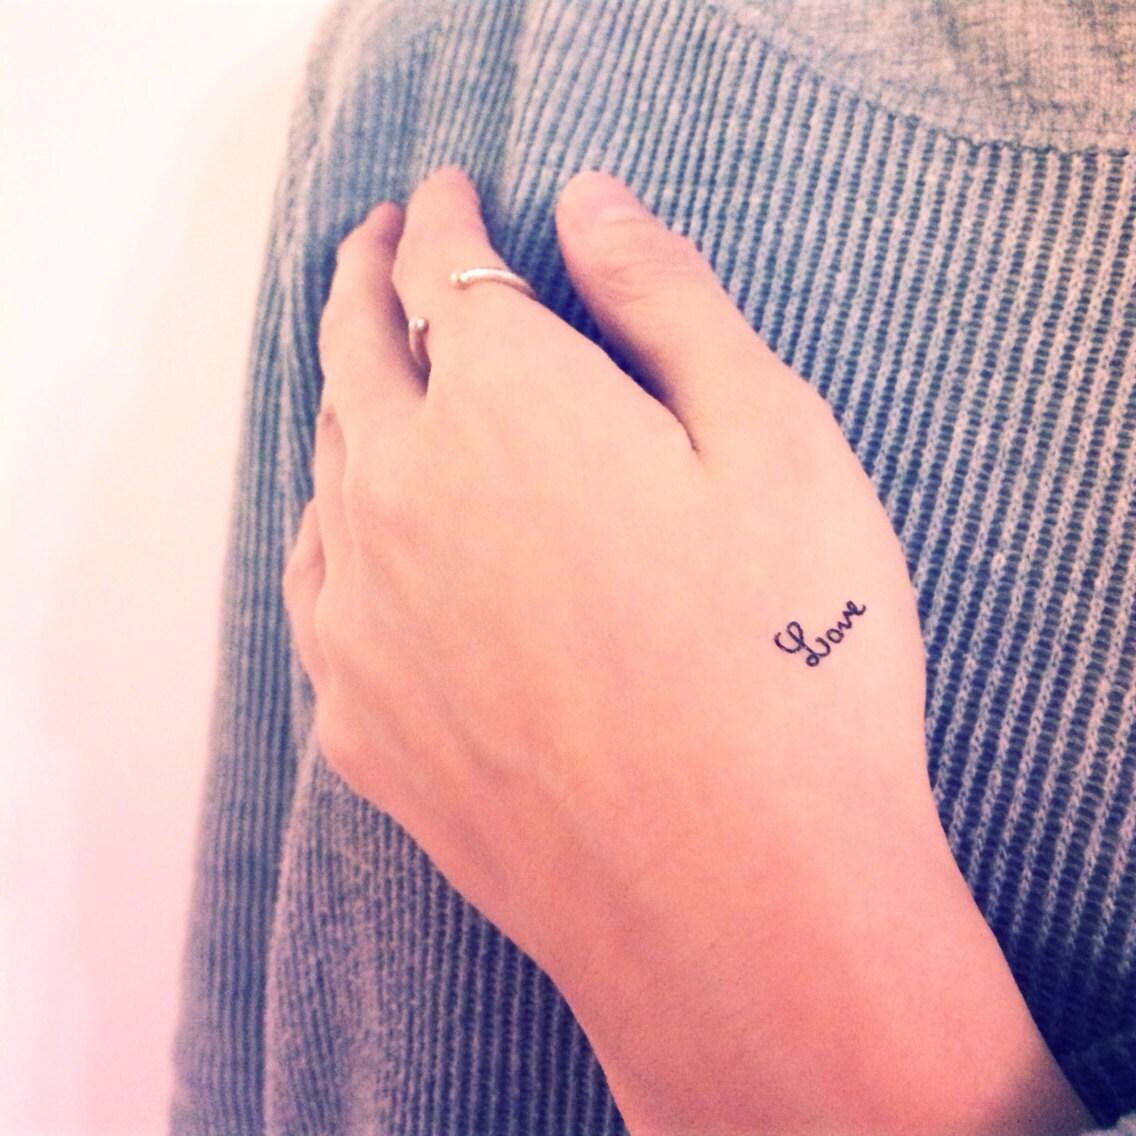 3pcs Tiny delicate LOVE tattoo InknArt Temporary by InknArt